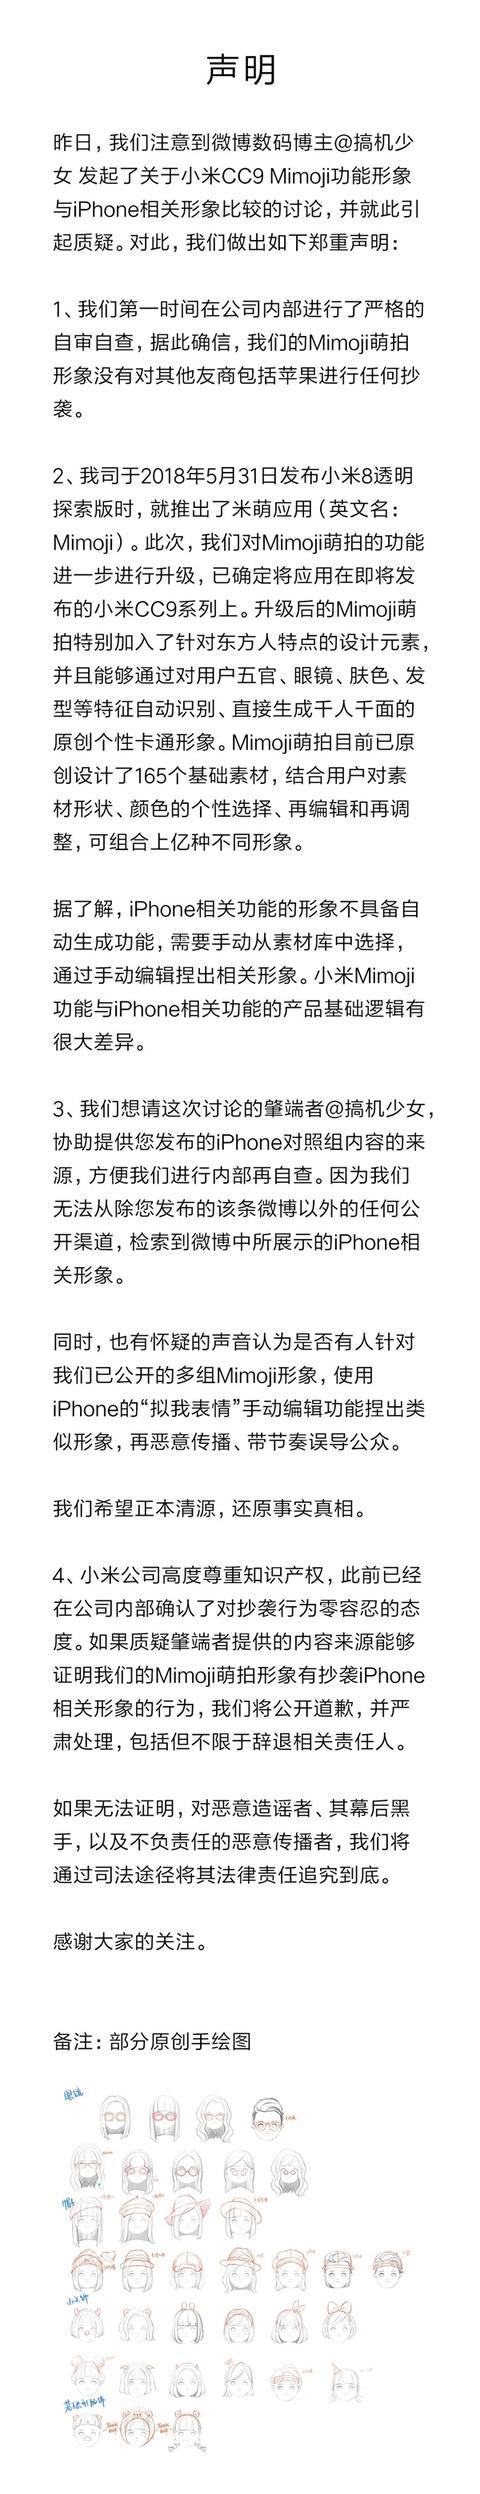 小米:小米CC9 Mimoji萌拍没有抄袭iPhone 追究到底的照片 - 5